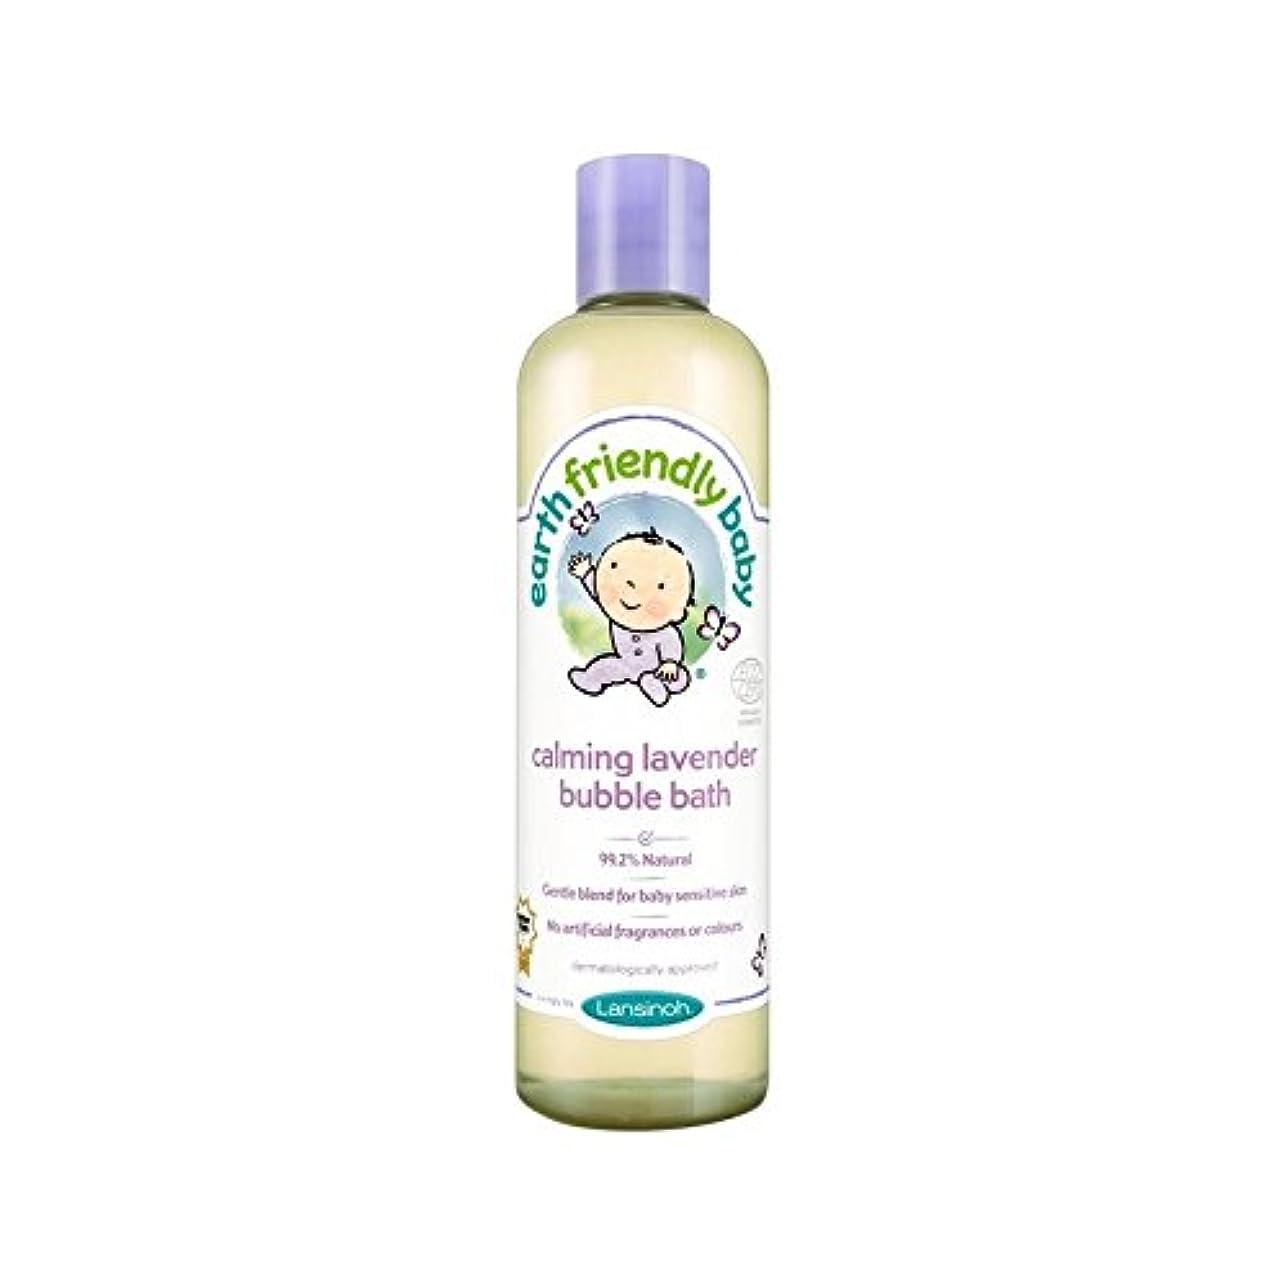 勇気哲学的包括的赤ちゃん沈静ラベンダー泡風呂のエコサートの300ミリリットル (Earth Friendly) - Earth Friendly Baby Calming Lavender Bubble Bath ECOCERT 300ml...